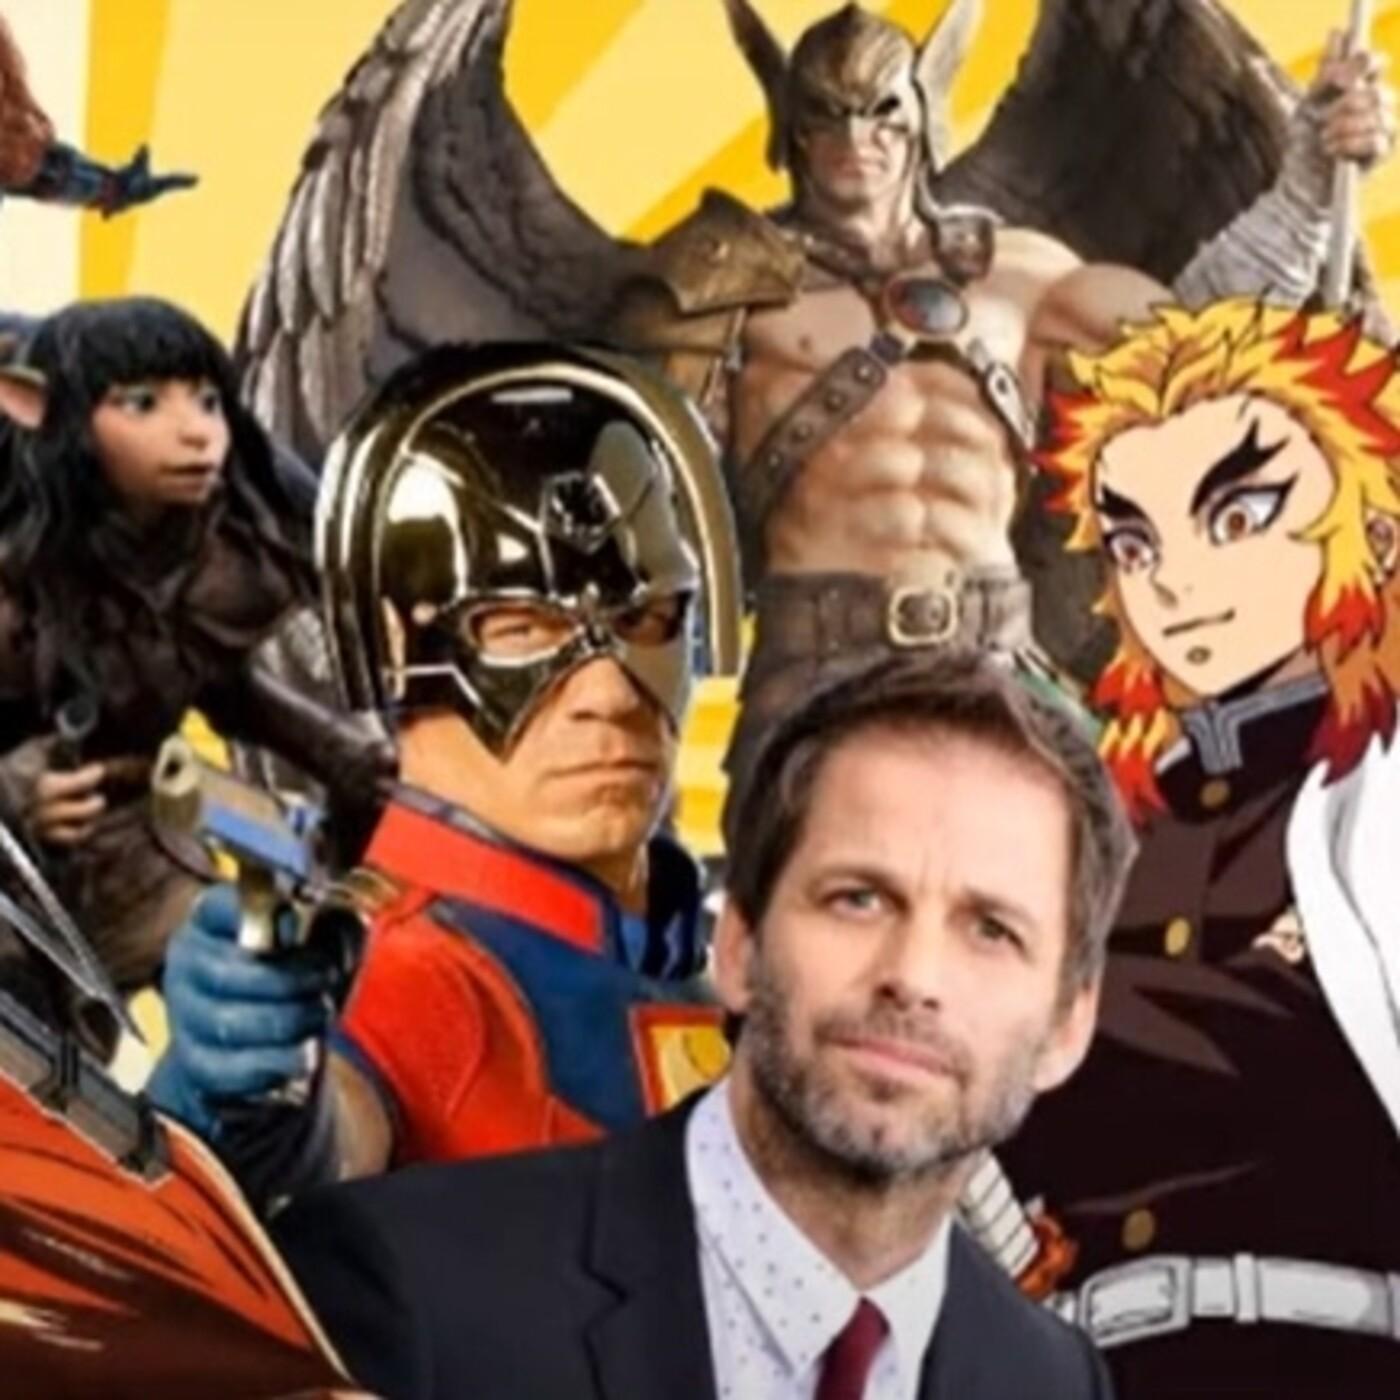 [NOTICIAS] - Regrabaciones Snyder Cut, Retrasos fase 4 Marvel, Supergirl y Cristal oscuro canceladas